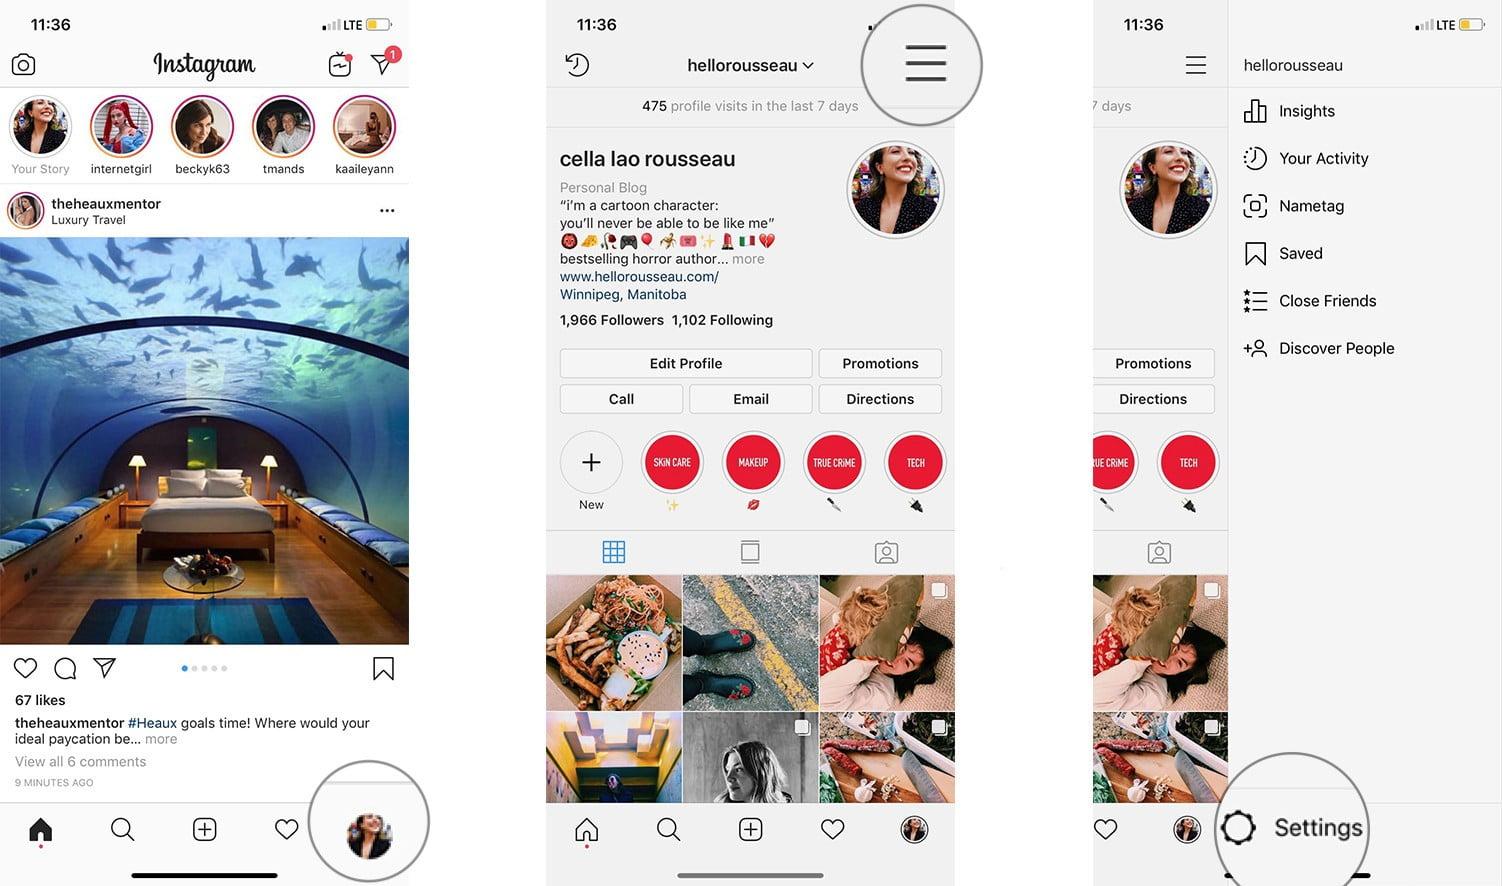 Instagram Fotoğrafları, Facebook Sayfasına Otomatik Olarak Nasıl Gönderilir?